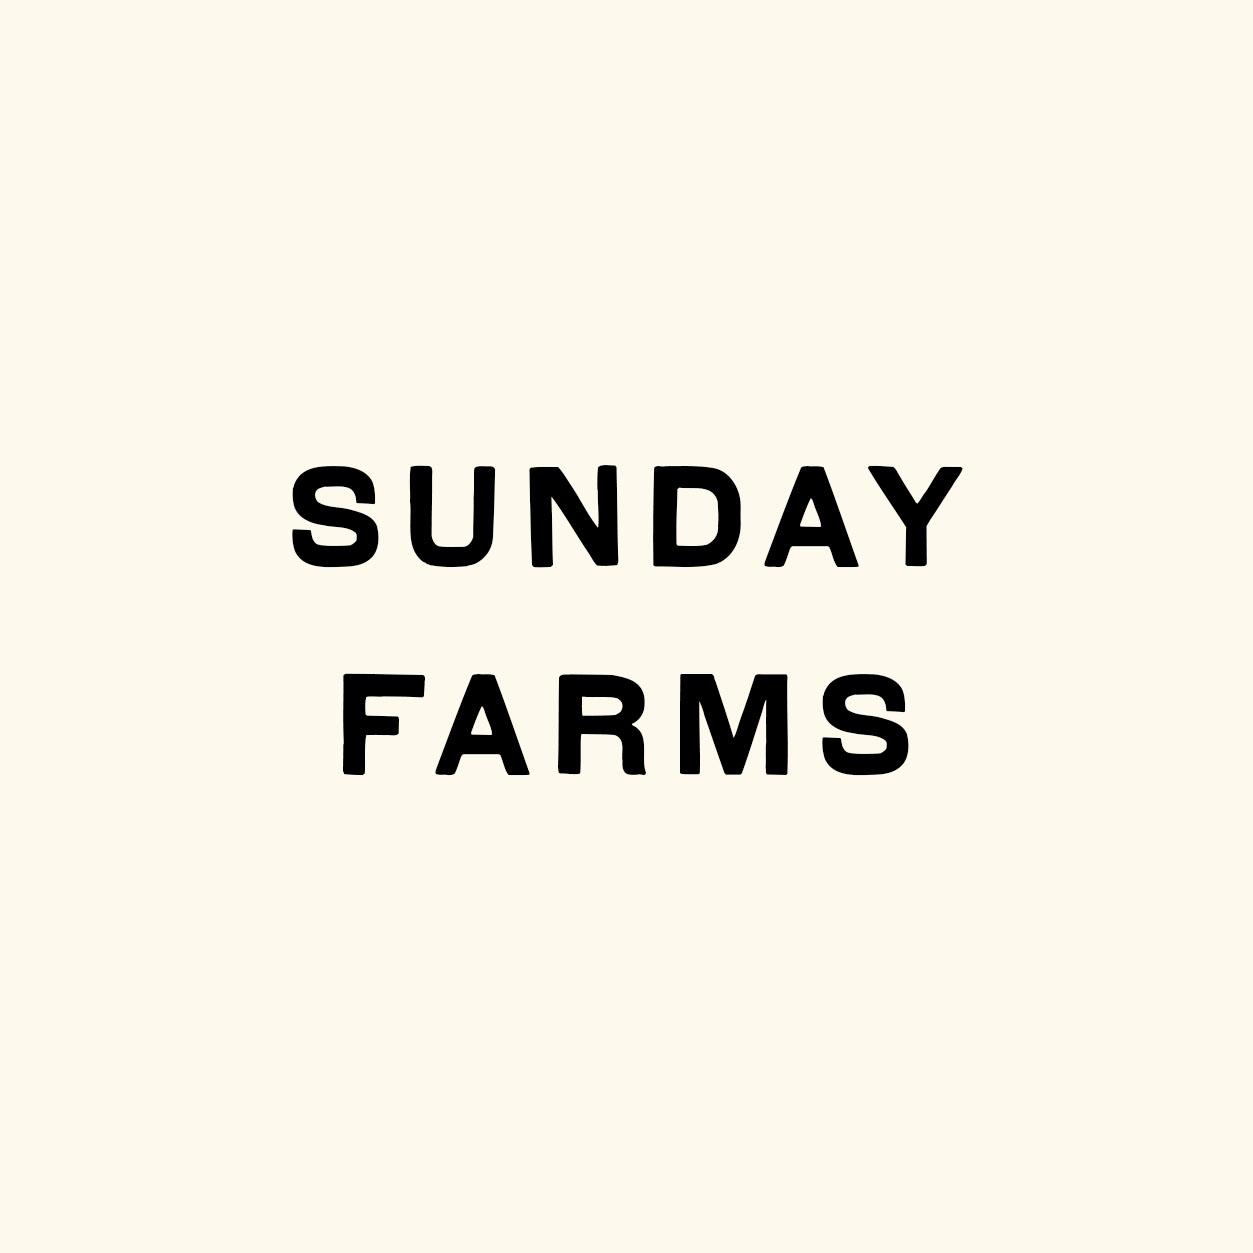 Sunday Farms